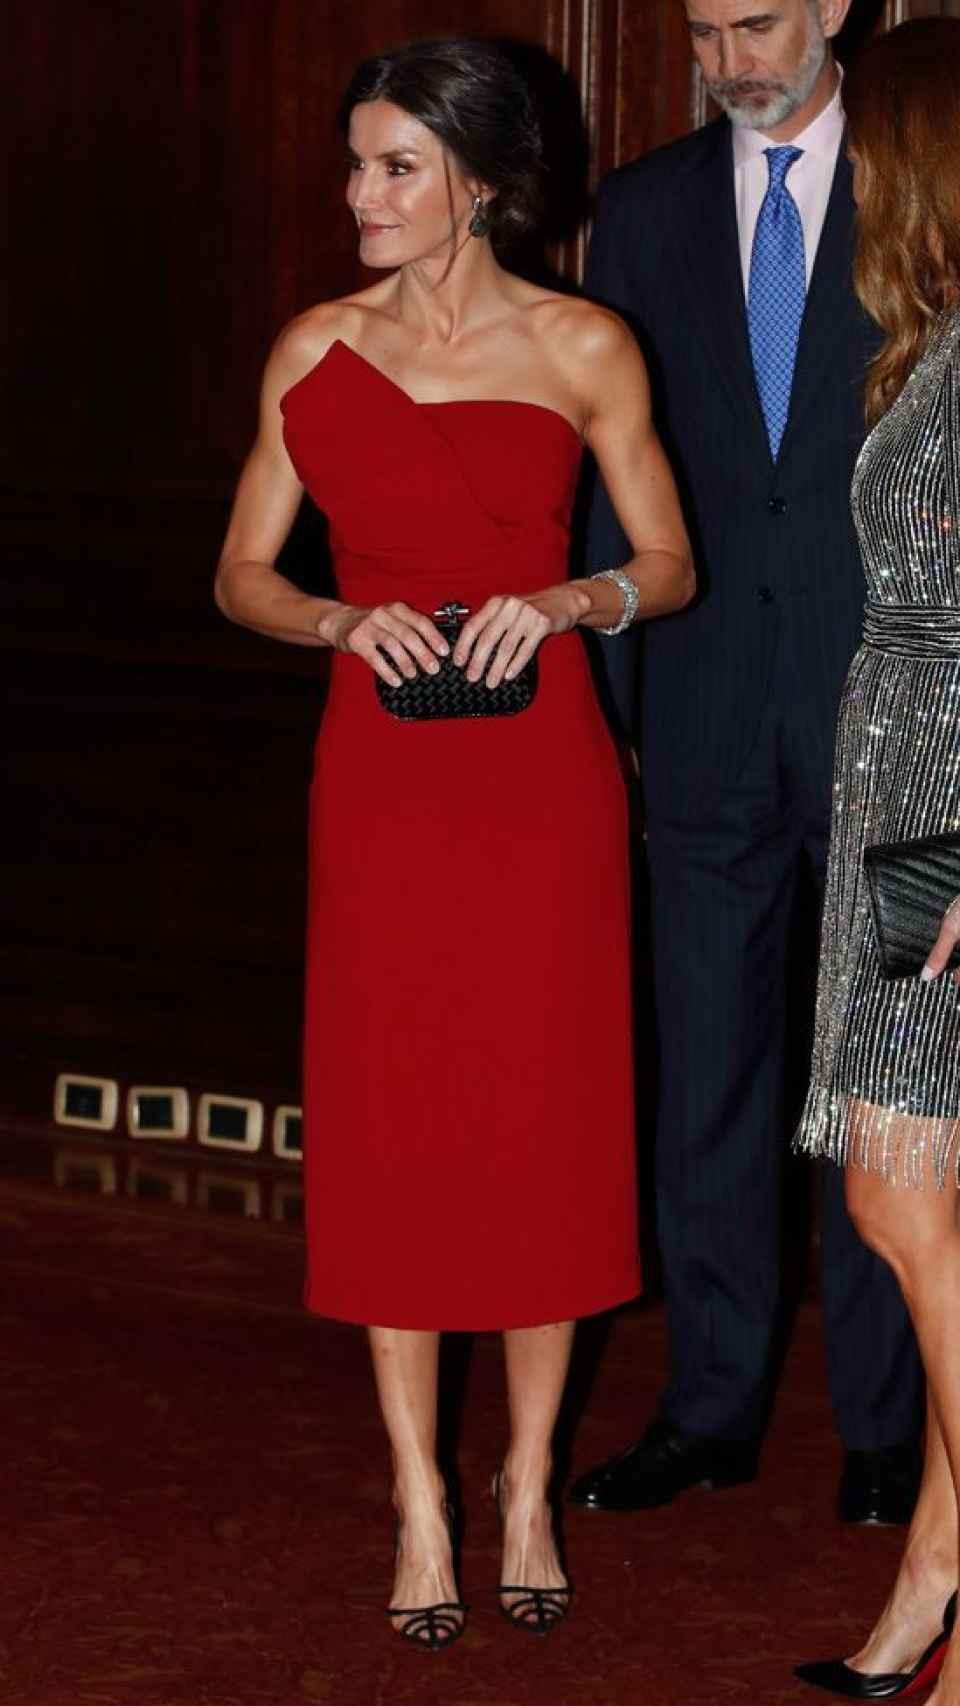 La reina Letizia con vestido de Roberto Torretta en su viaje de Estado a Buenos Aires.